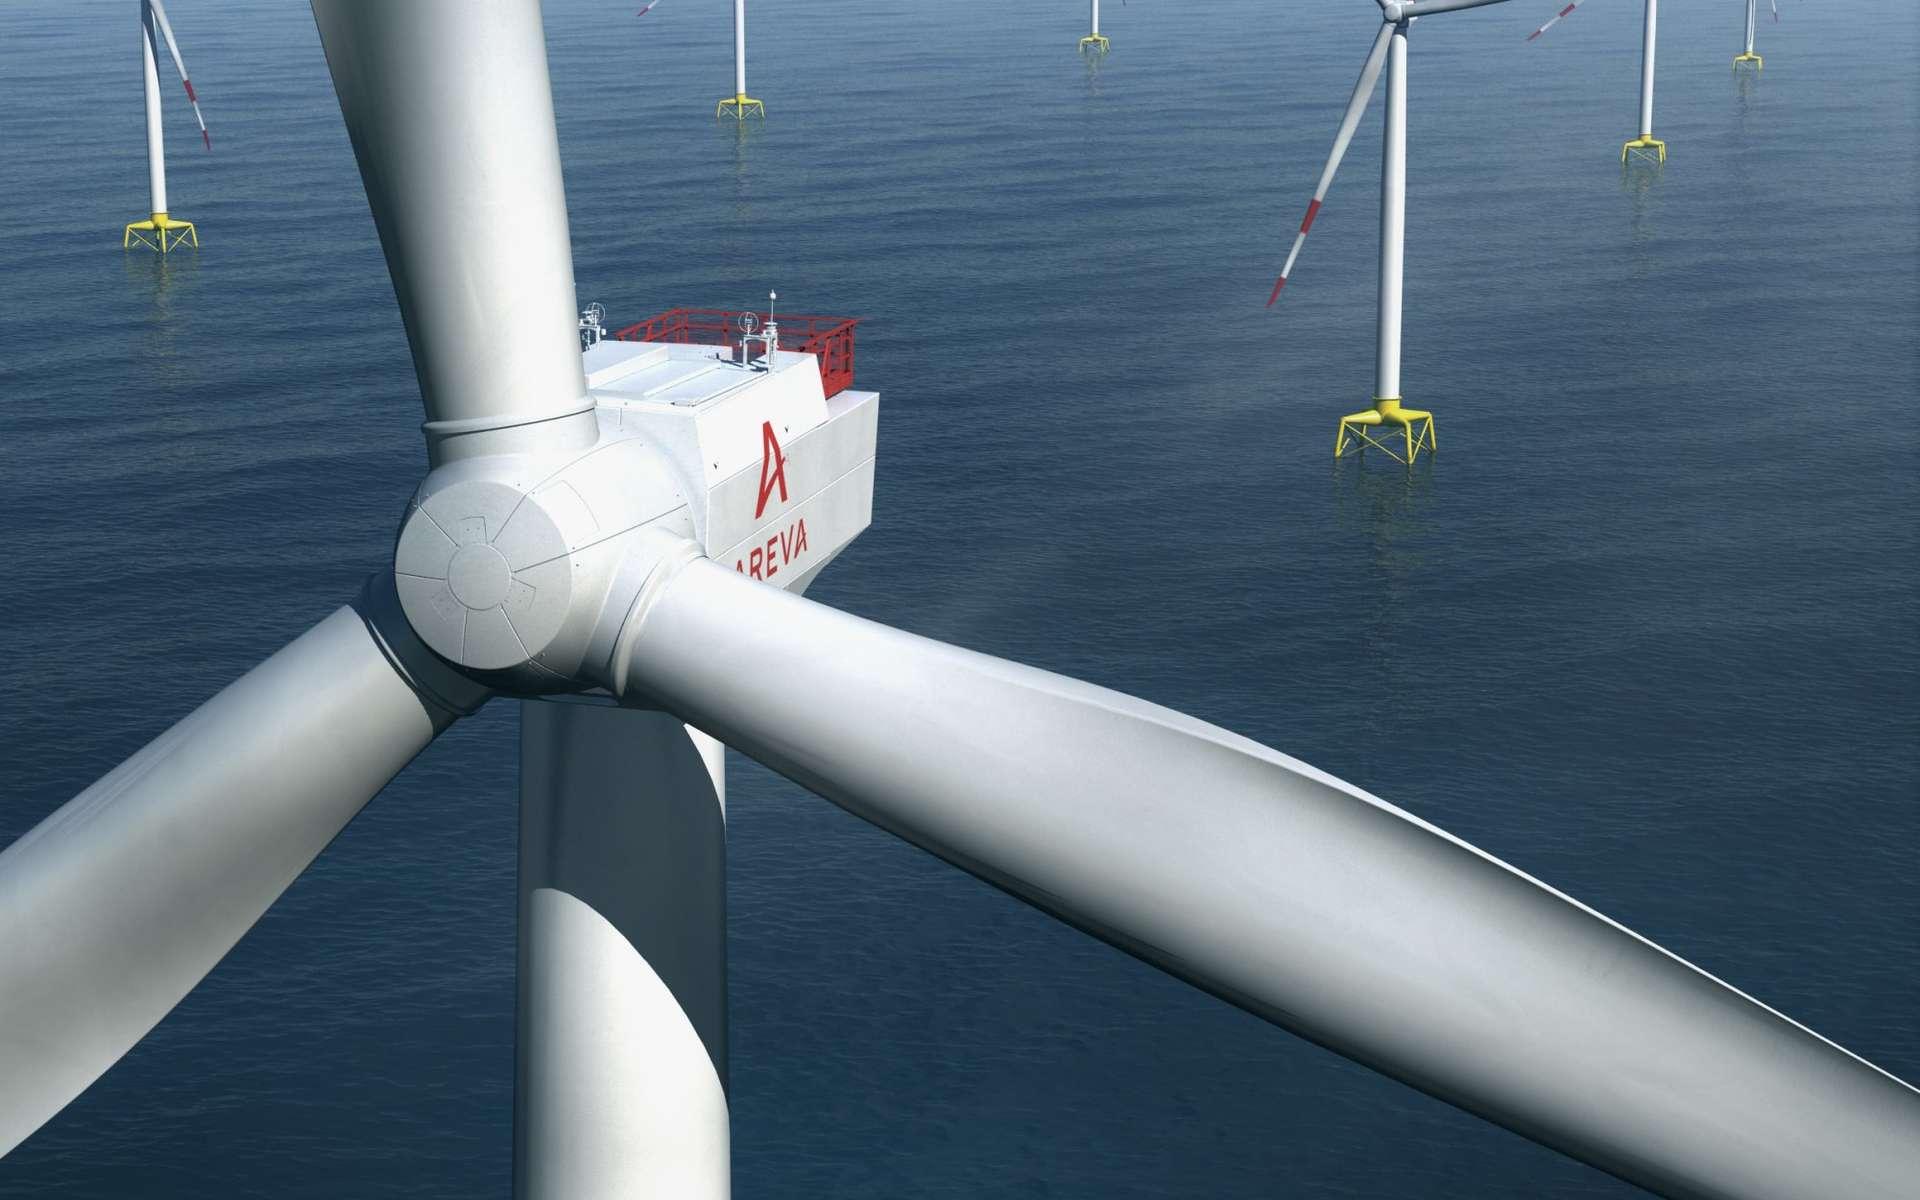 Un champ d'éoliennes fabriquées par Areva, chacune ayant une puissance de 8 MW. Il ne s'agit bien sûr que d'un dessin qui préfigure ce que seront les deux sites des futurs chantiers, l'un près du Tréport et l'autre entre l'île d'Yeu et celle de Noirmoutier. © Areva, Dikdak